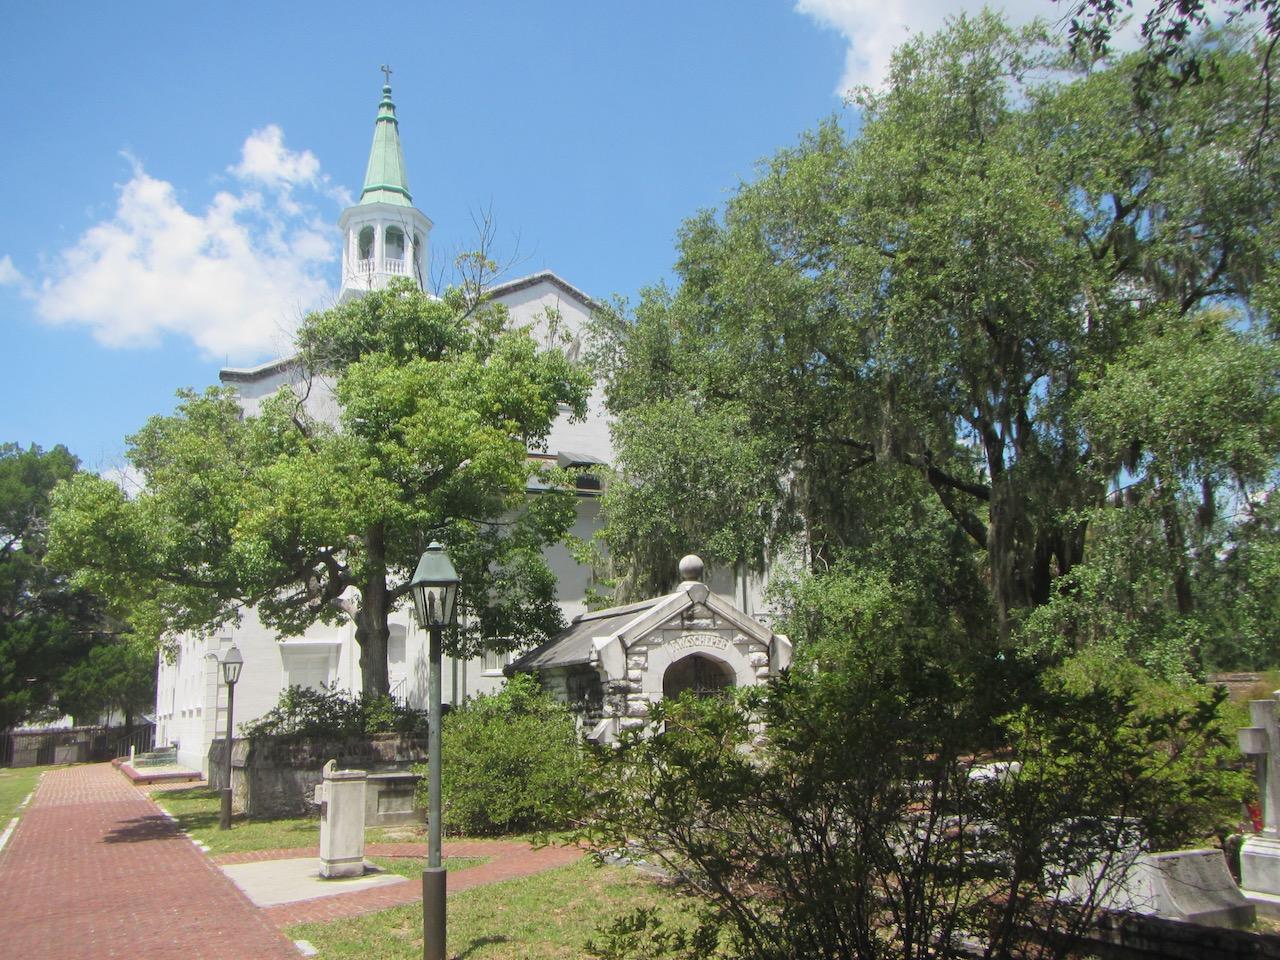 Stolze Kirche der Stadt